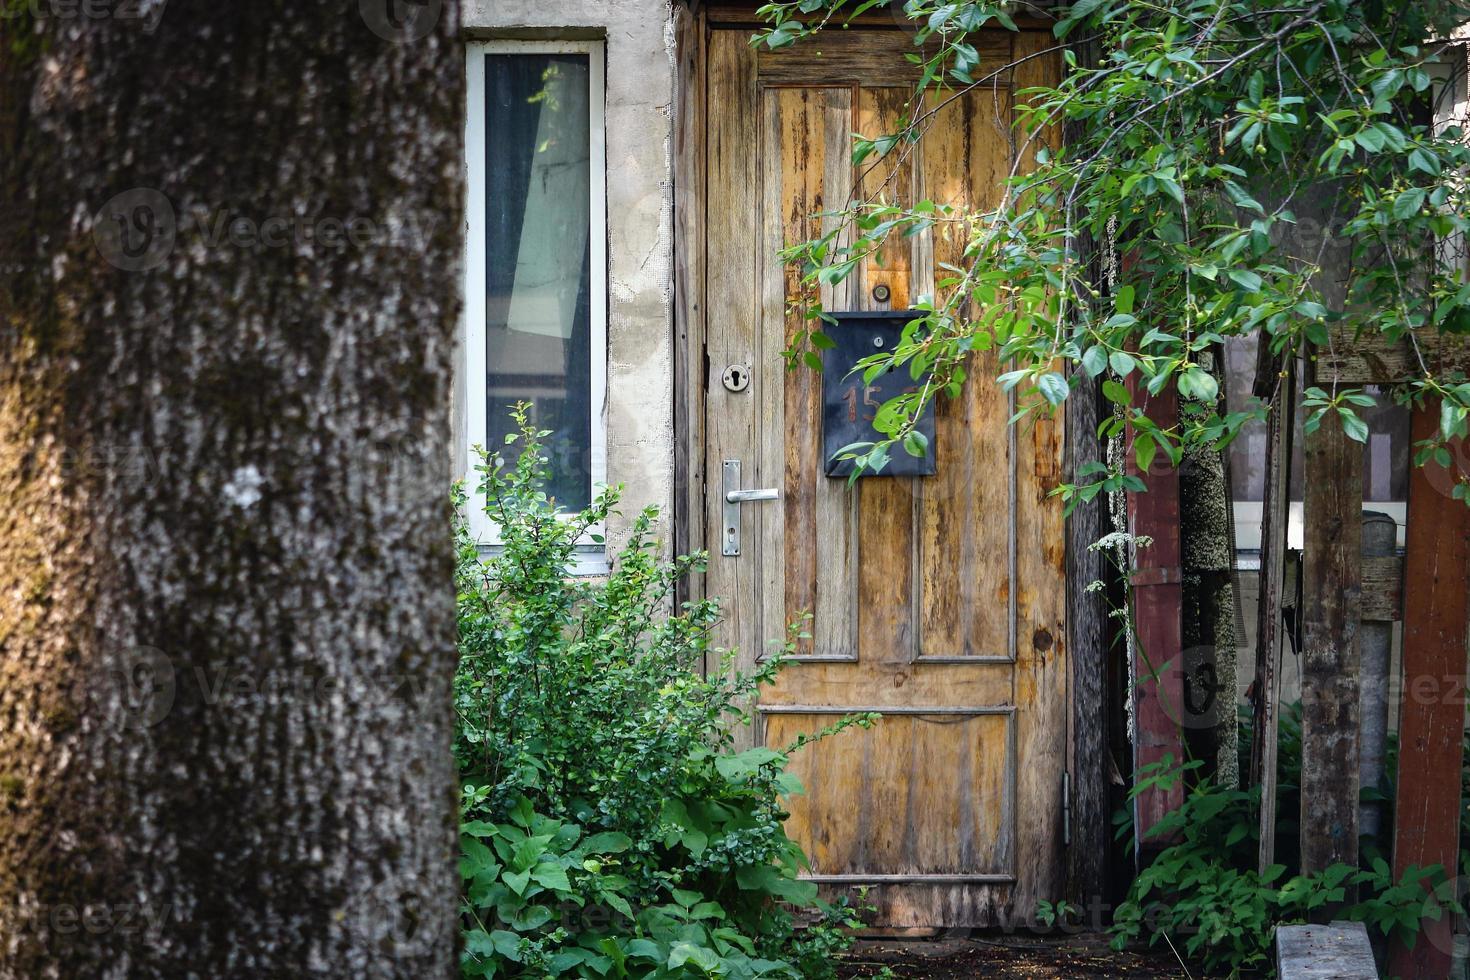 porte en bois avec boîte aux lettres derrière un cerisier avec des feuilles et des baies non mûres photo